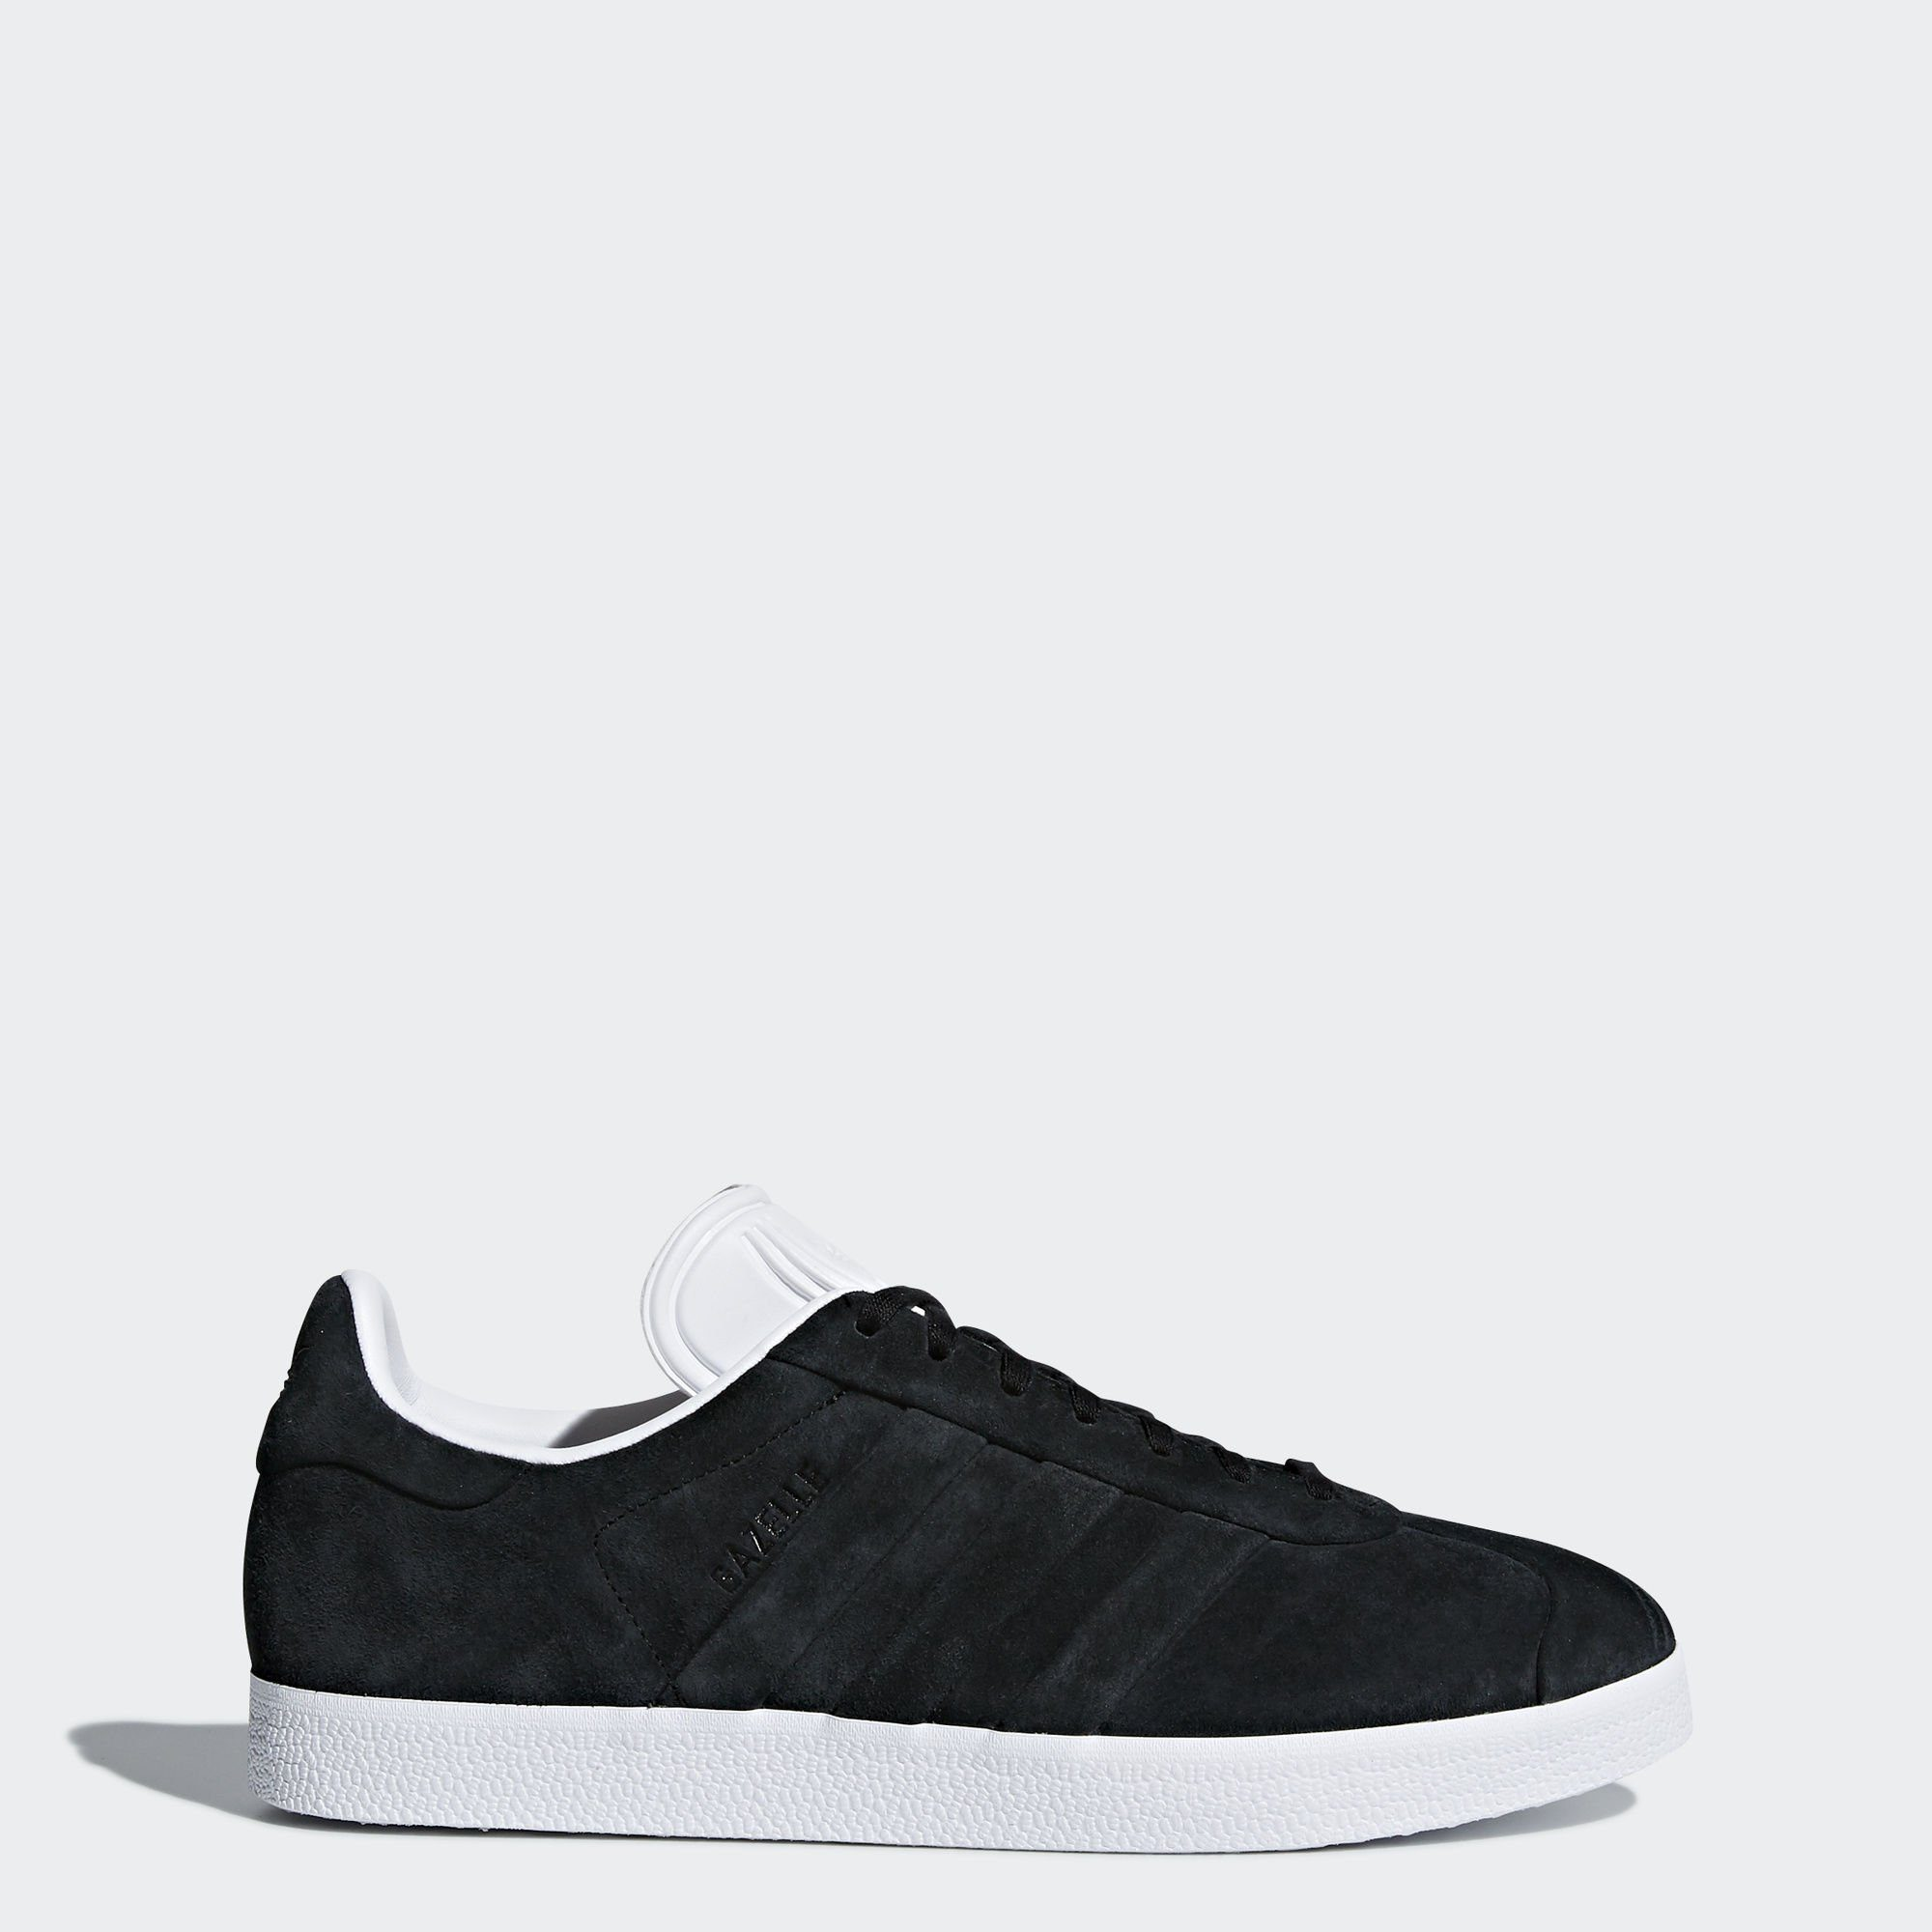 adidas Originals Gazelle Stitch and Turn Schuh Sneaker online kaufen  black